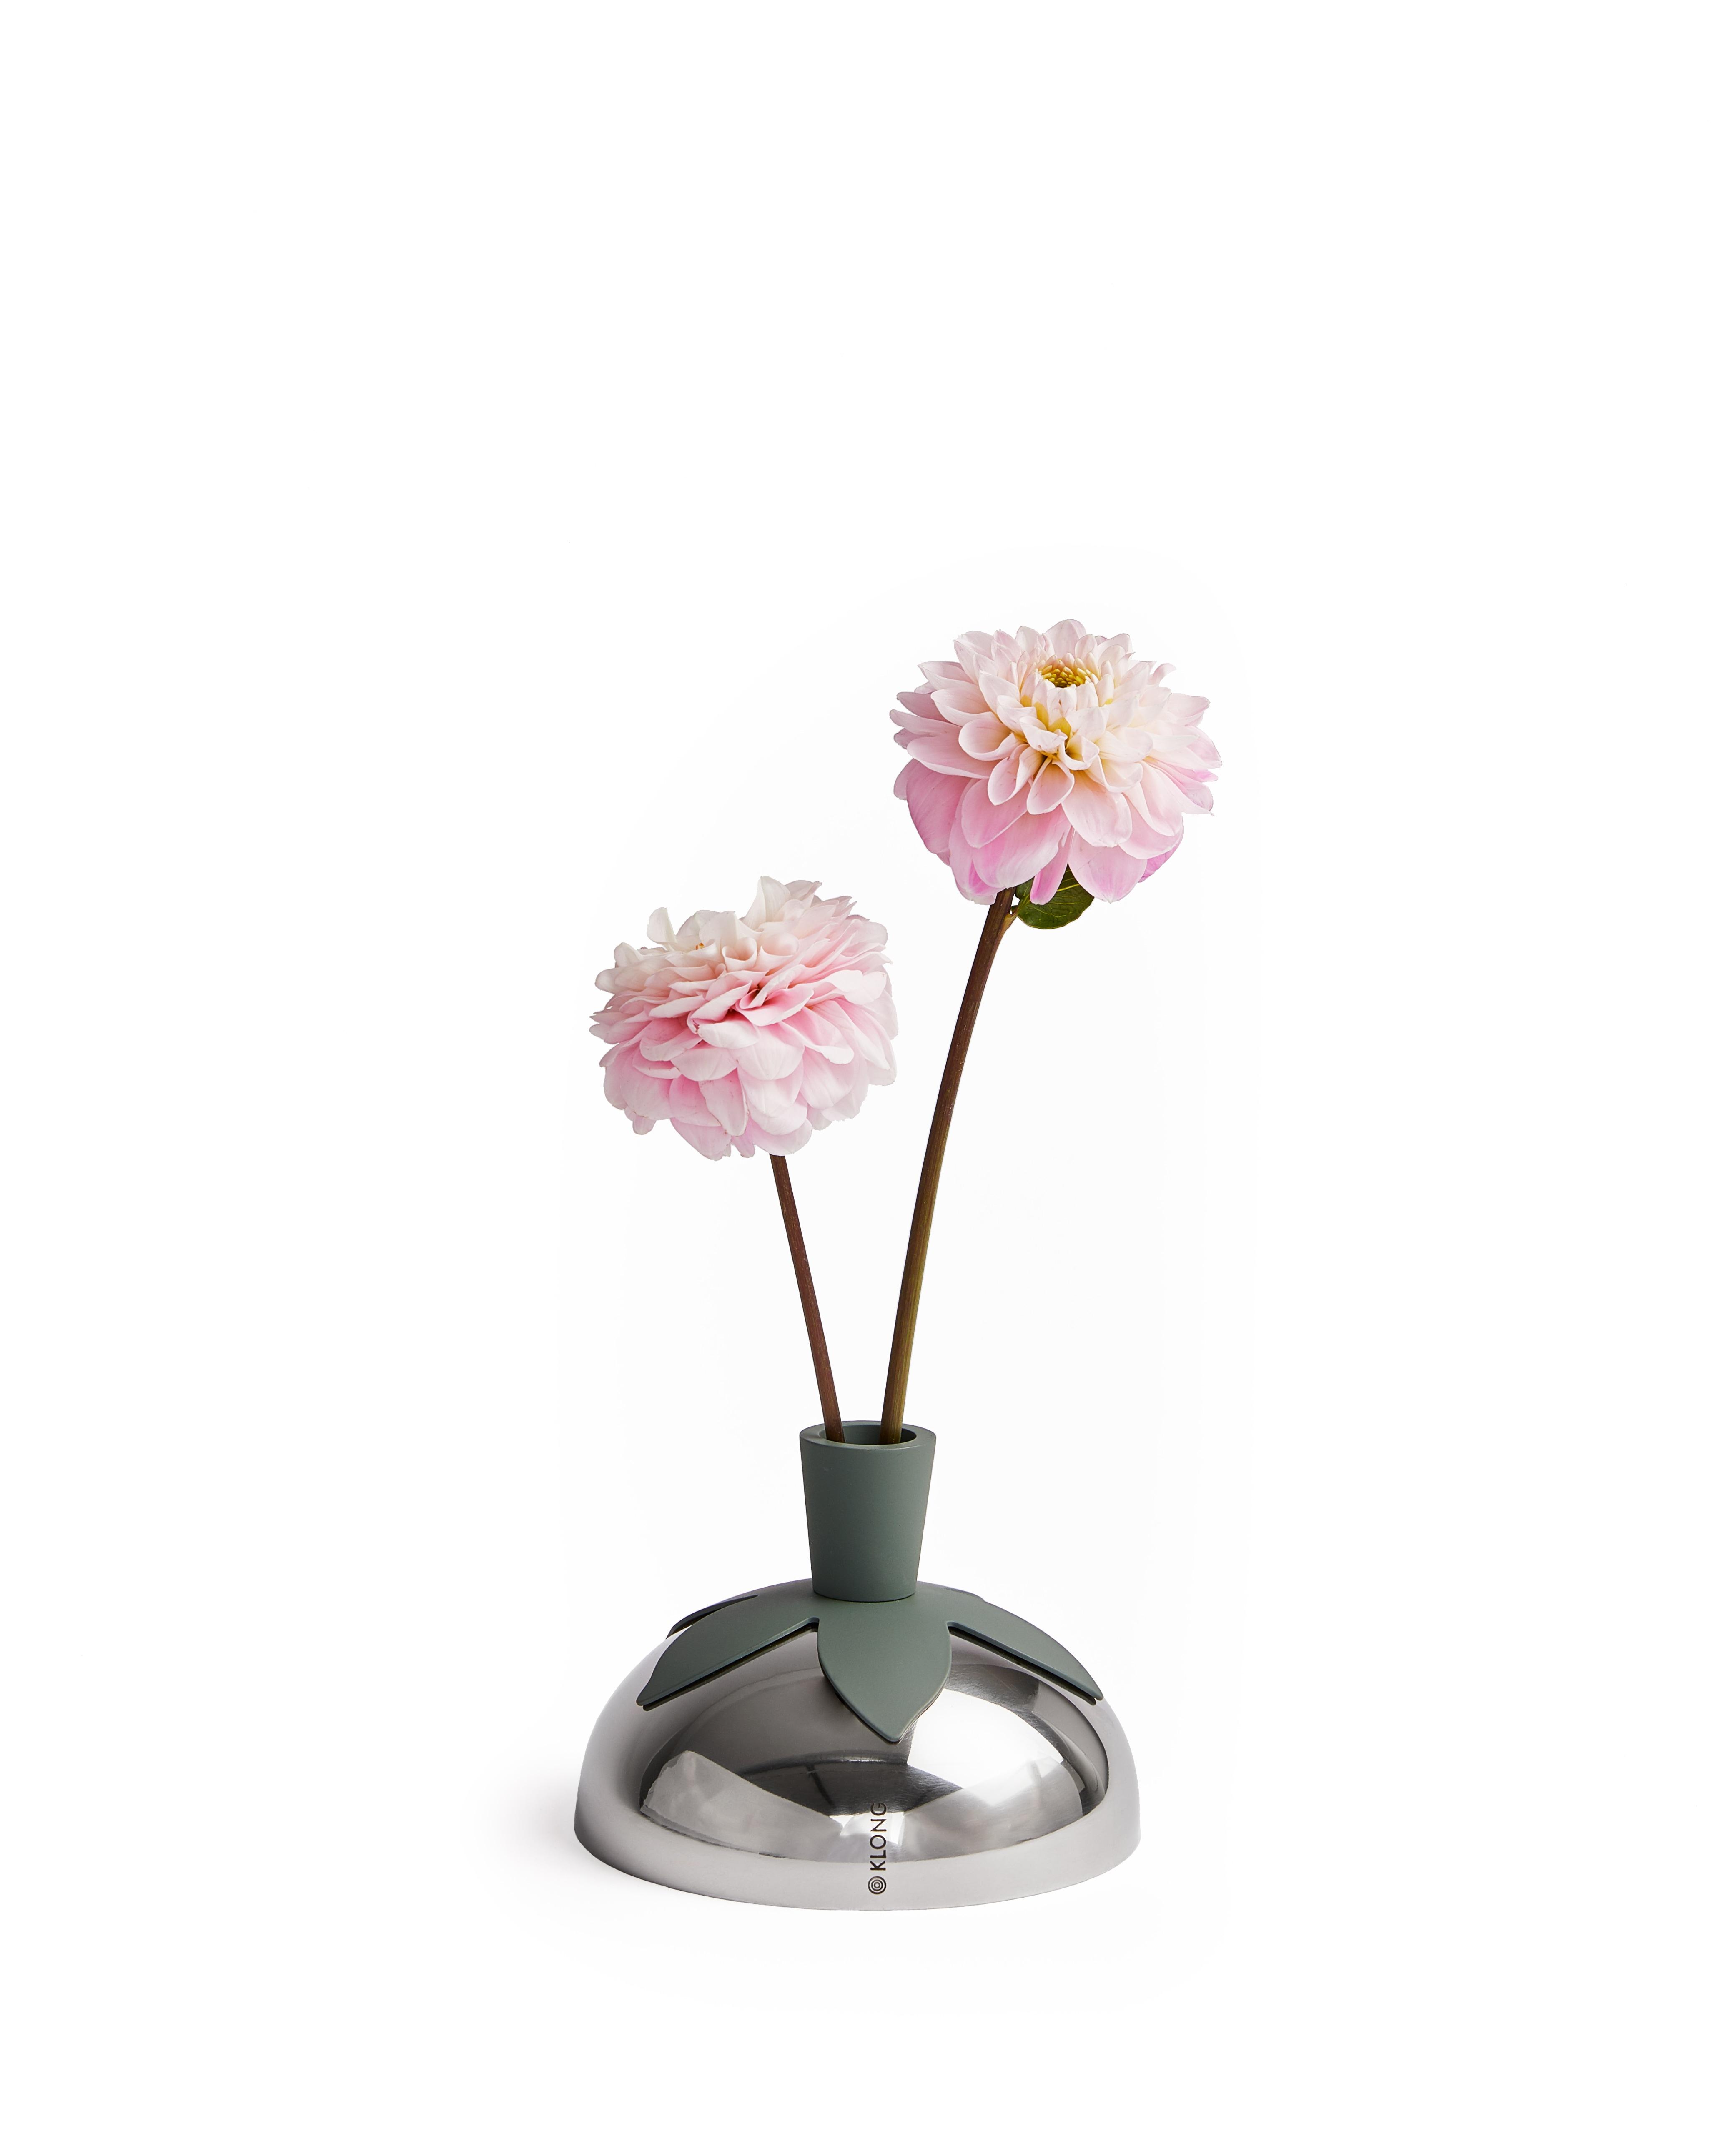 Blad Vase/Candlestick